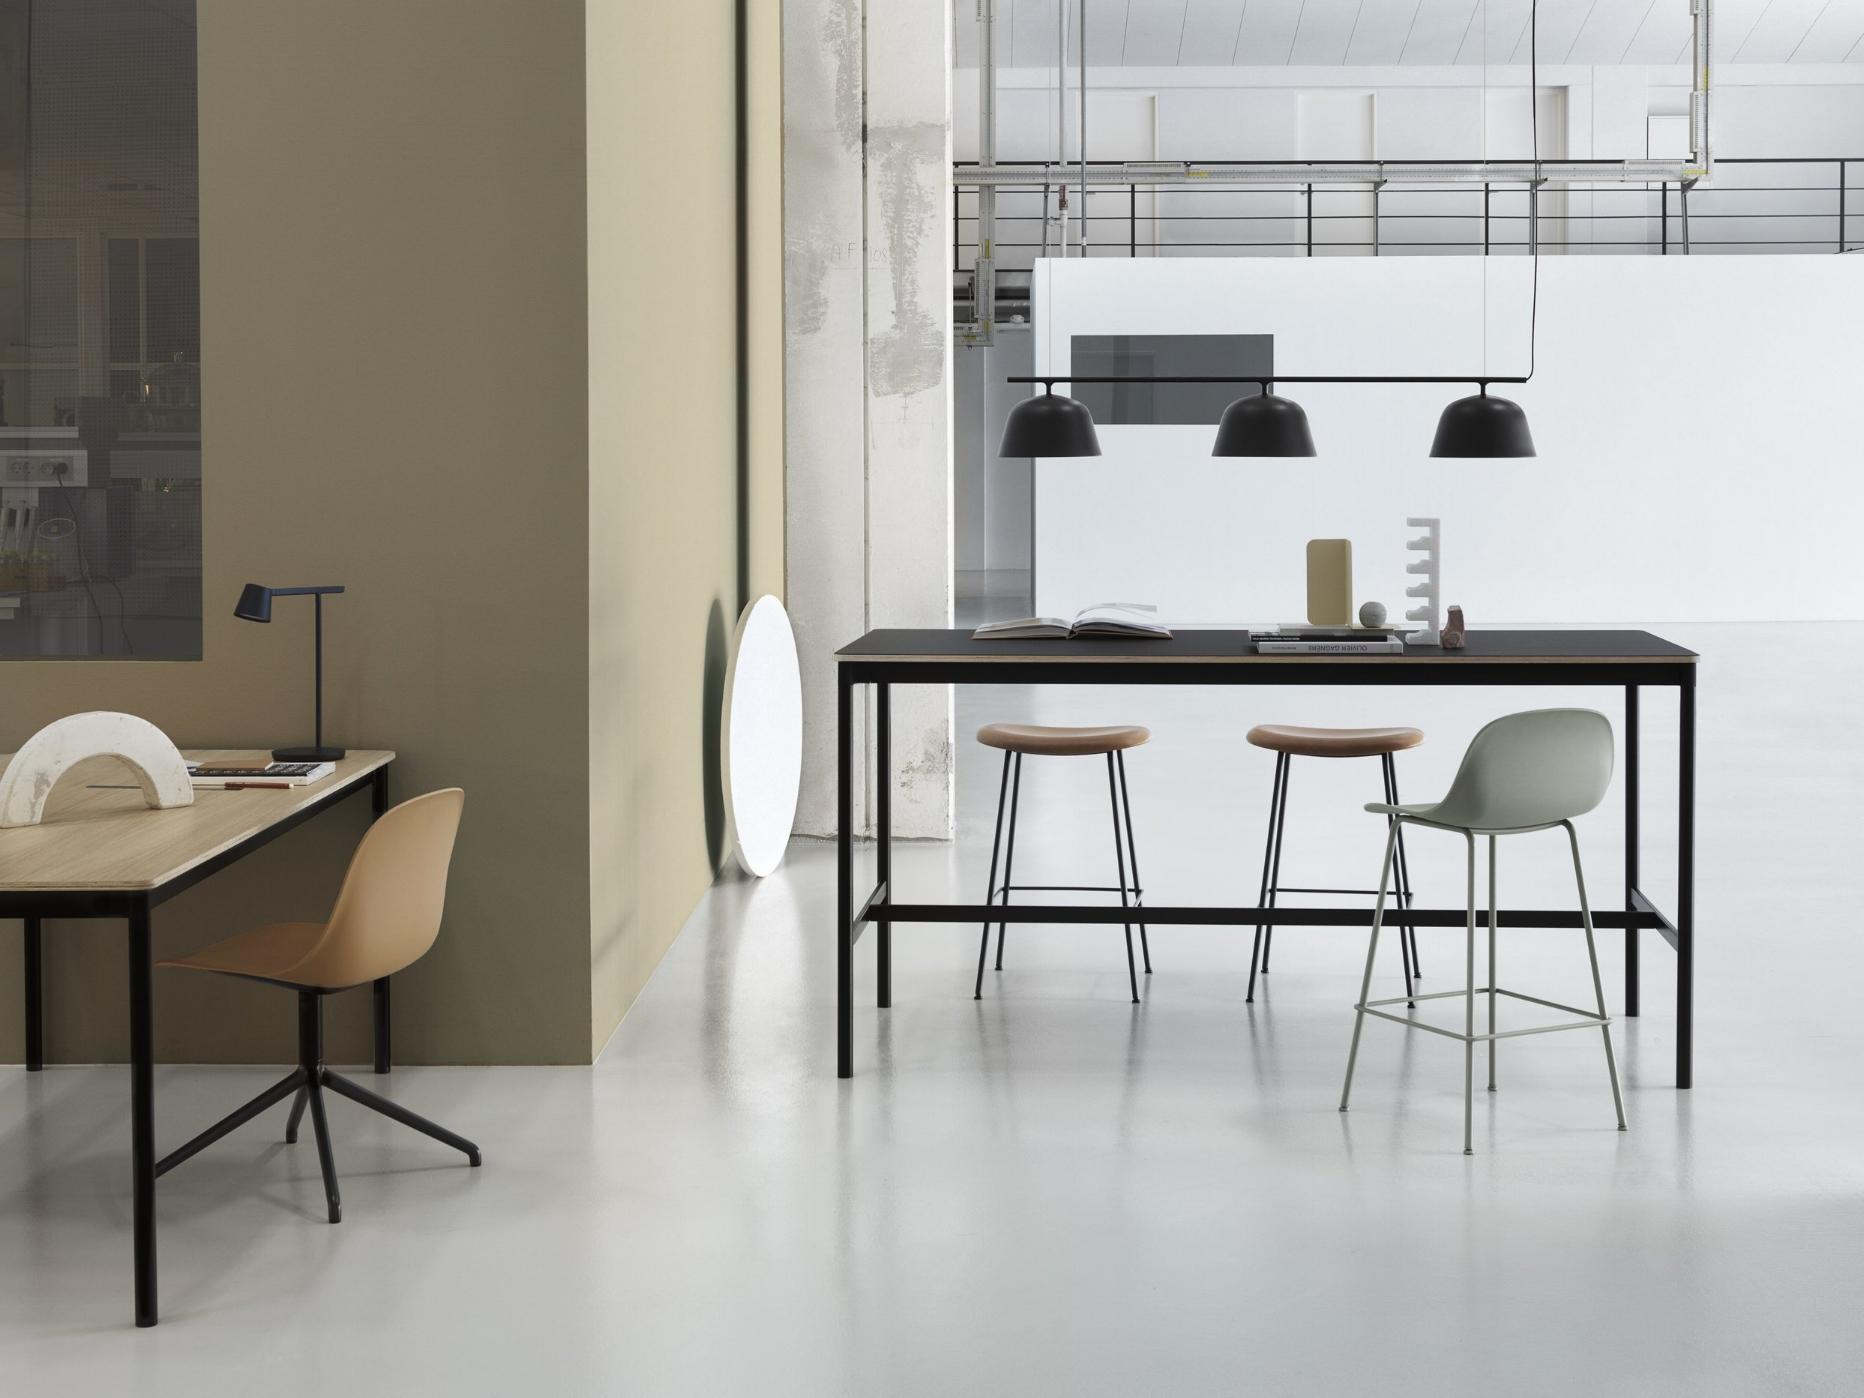 Base-High-Table-Oak-Black-Ambit-Rail-Fiber-Side-Swivel-Fiber-Bar-Stool-Tube-Tip-Compile-Org.jpg